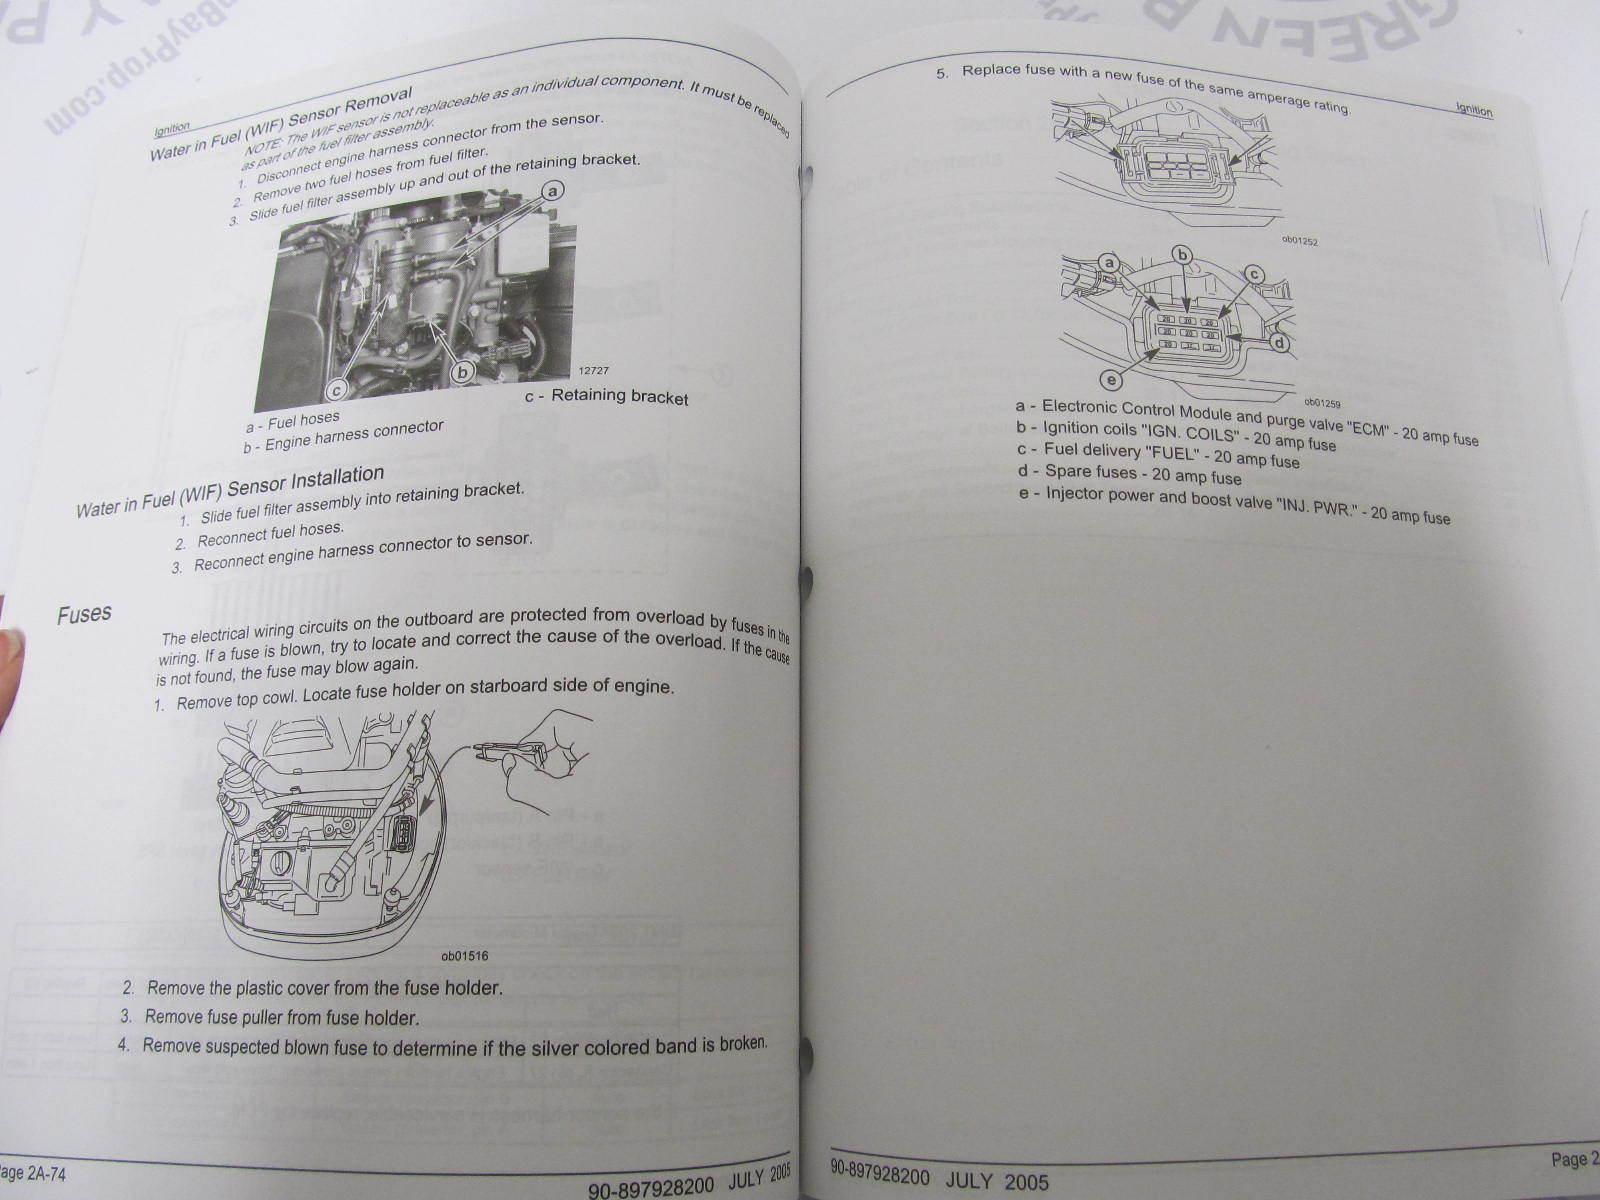 Mercury verado service manual